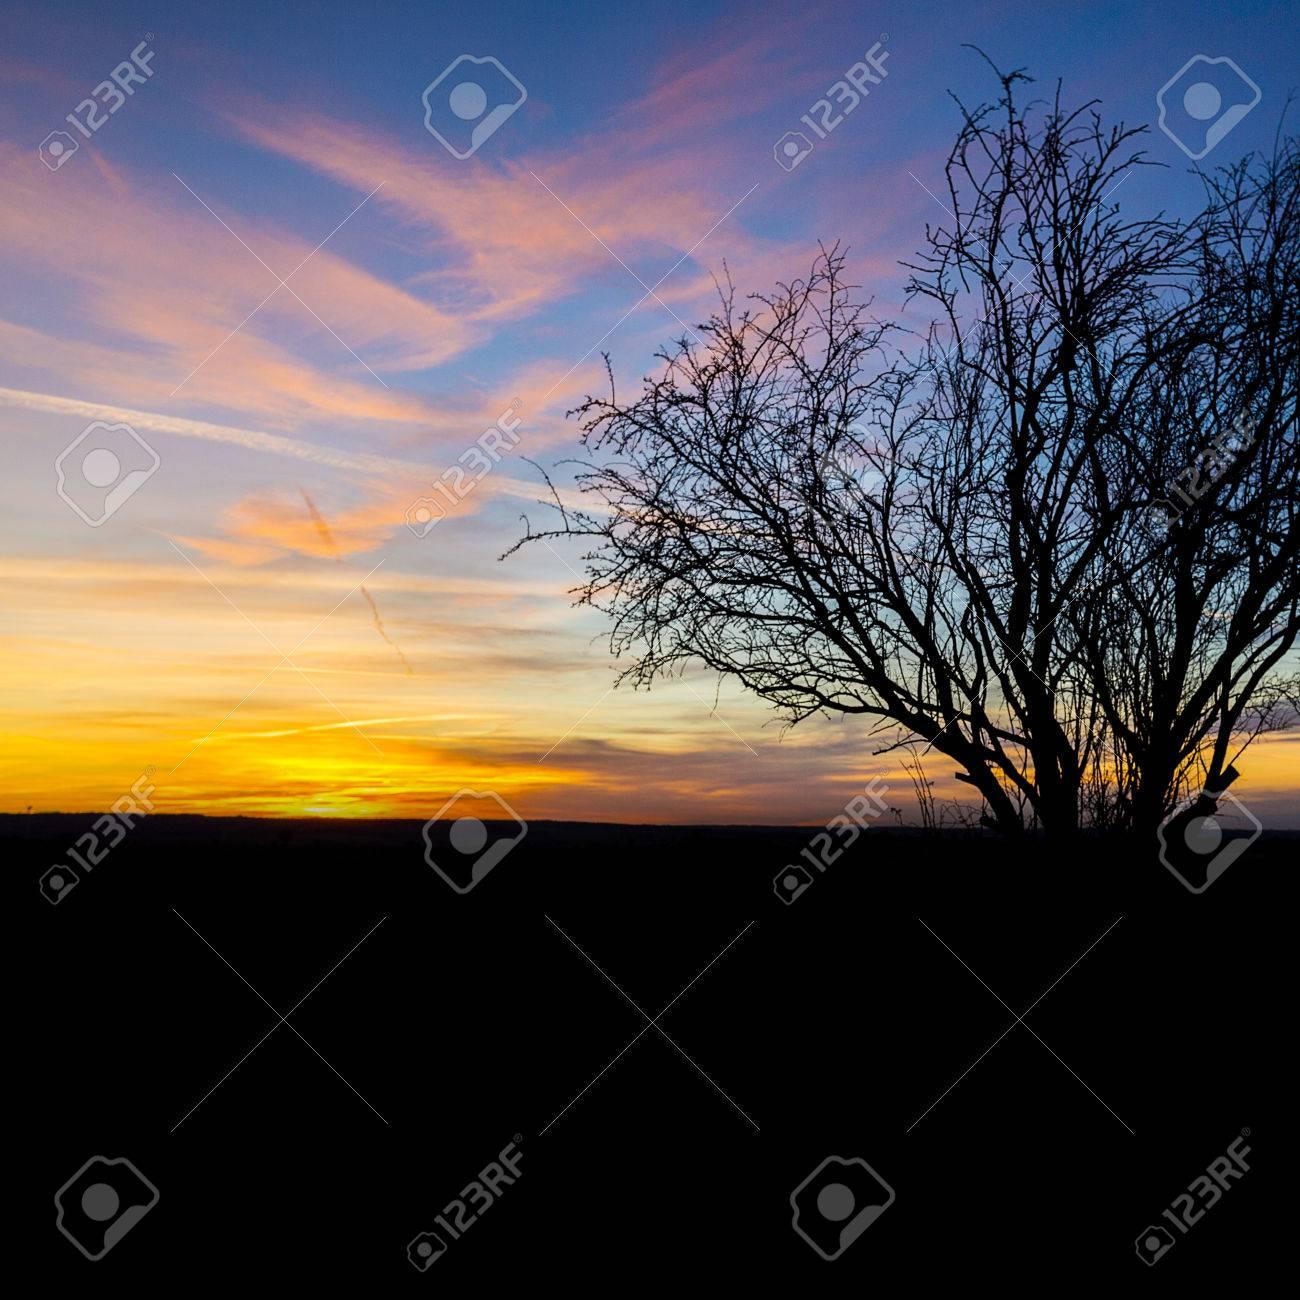 POEMAS SIDERALES ( Sol, Luna, Estrellas, Tierra, Naturaleza, Galaxias...) - Página 19 27079388-La-luz-del-sol-caliente-del-sol-silueta-vieja-naturaleza-puesta-de-sol-de-invierno-naranjo-hora-azul-Foto-de-archivo